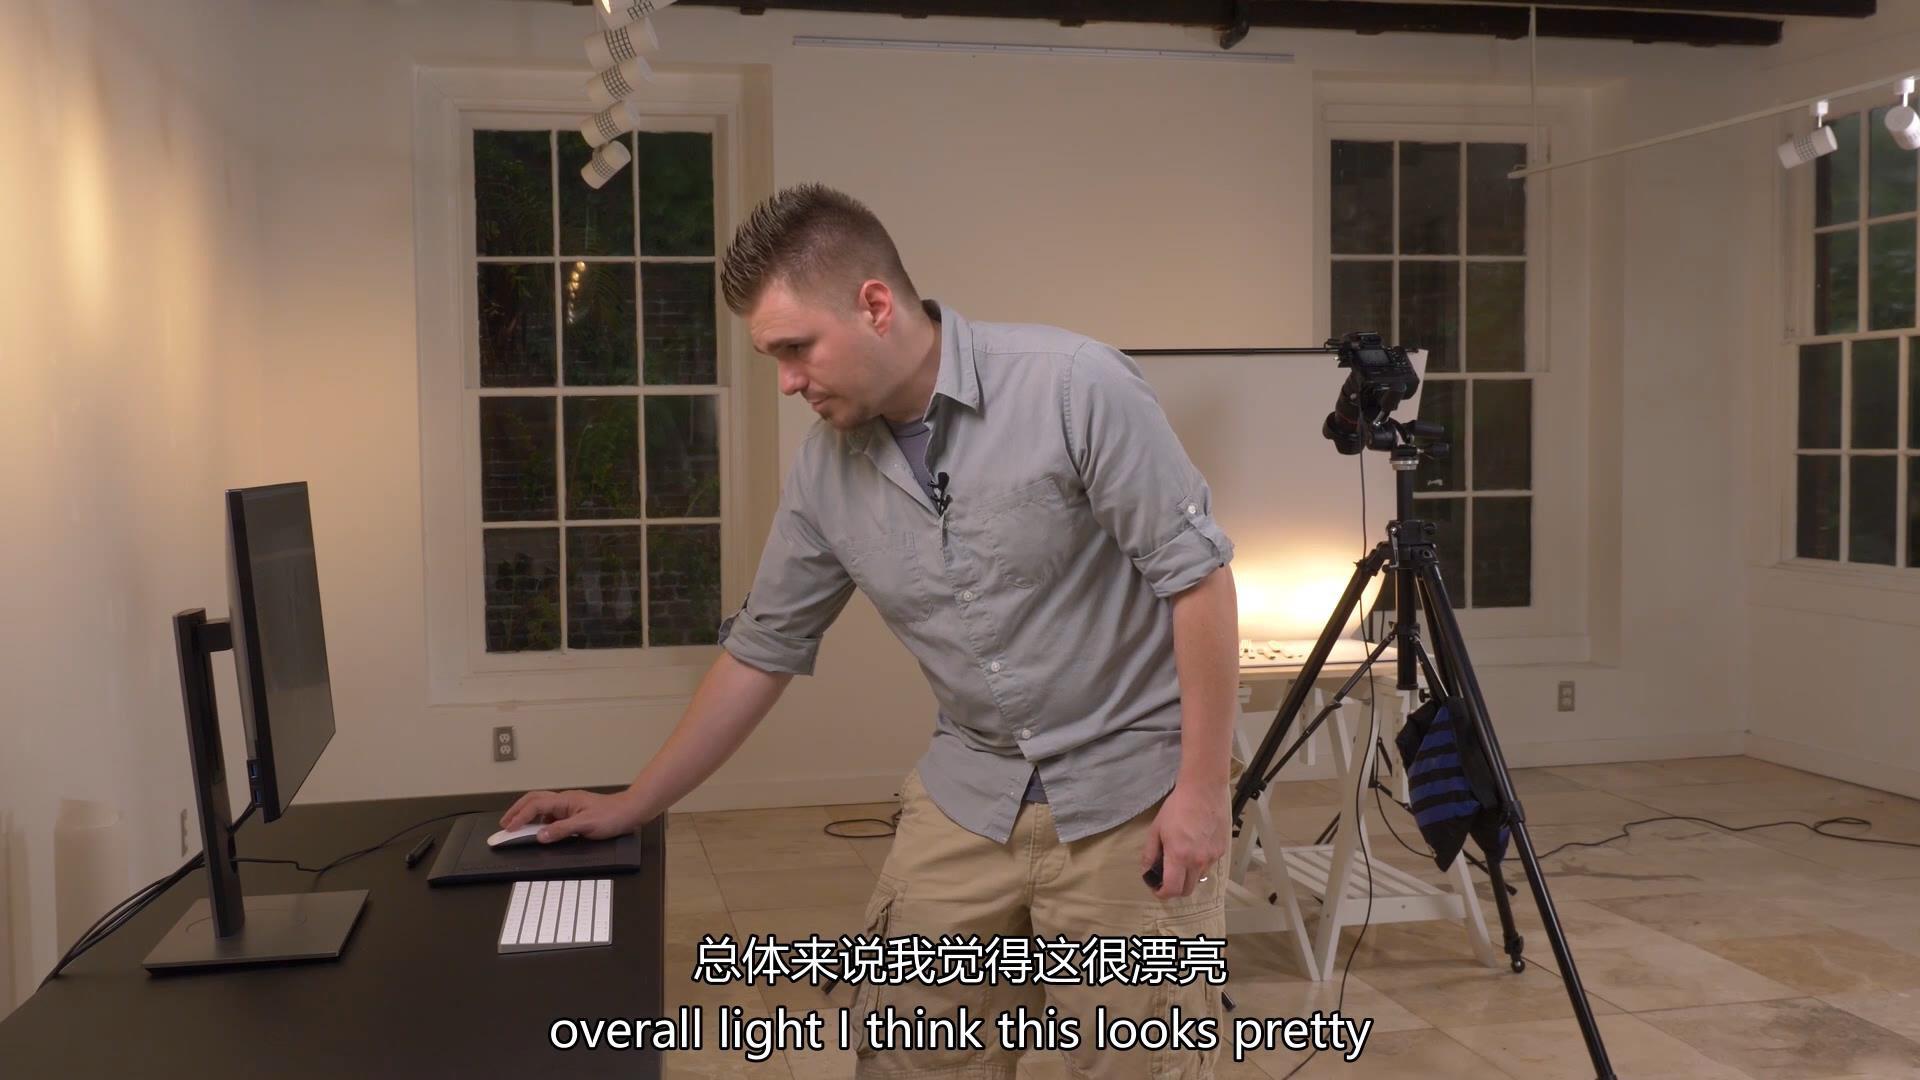 摄影教程_Fstoppers-摄影师Brian RodgersJr高端产品摄影及后期教程-中英字幕 摄影教程 _预览图27